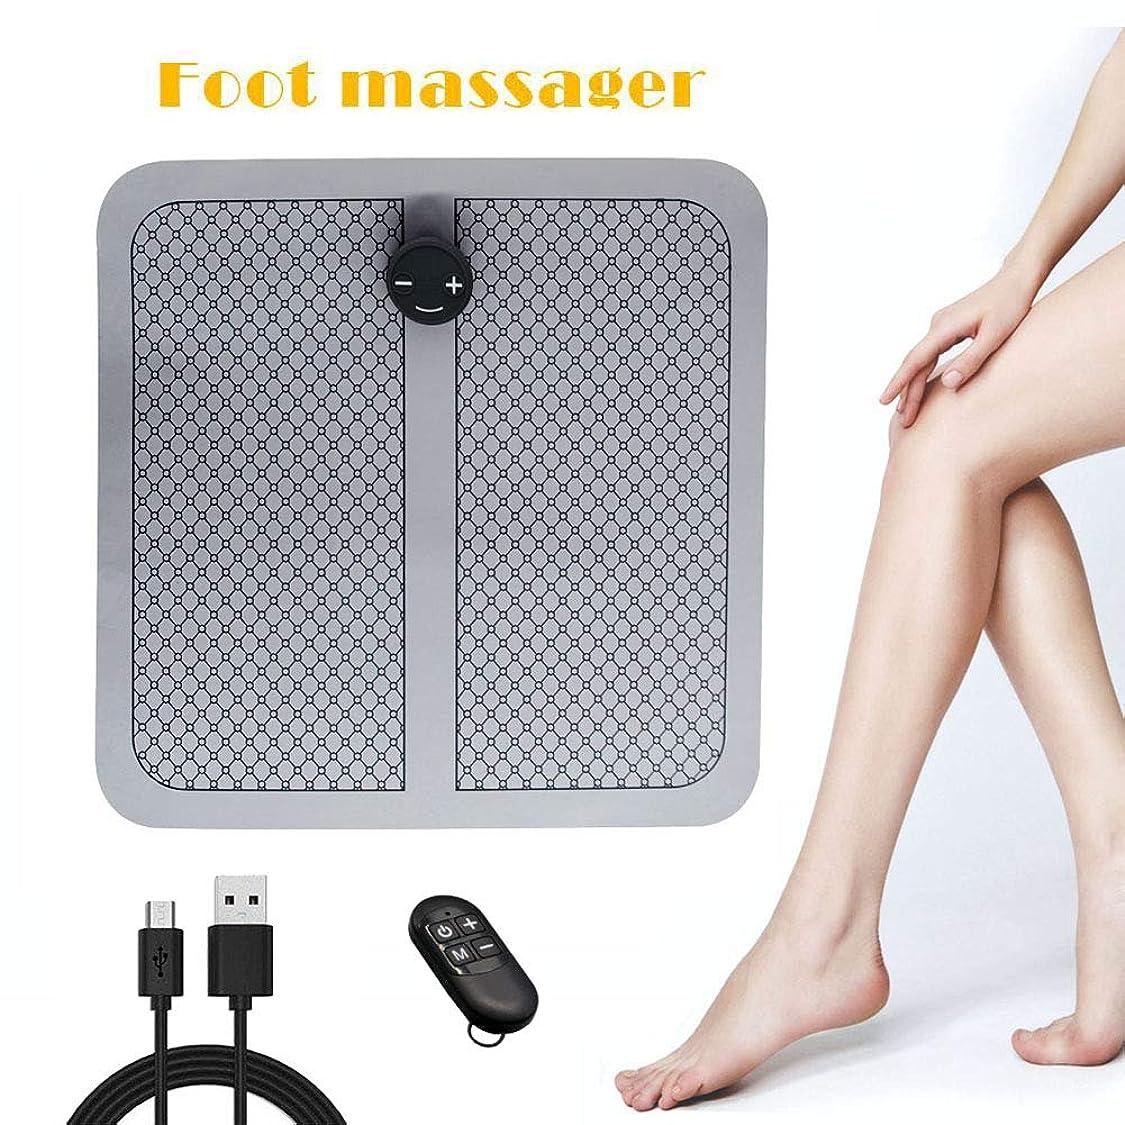 リゾートゲインセイフィットフットマッサージャーEMS、USB充電、振動フットペディキュアマシン、マッサージパッド、リモート操作、血液循環の促進、筋肉痛の緩和、男性と女性用,B